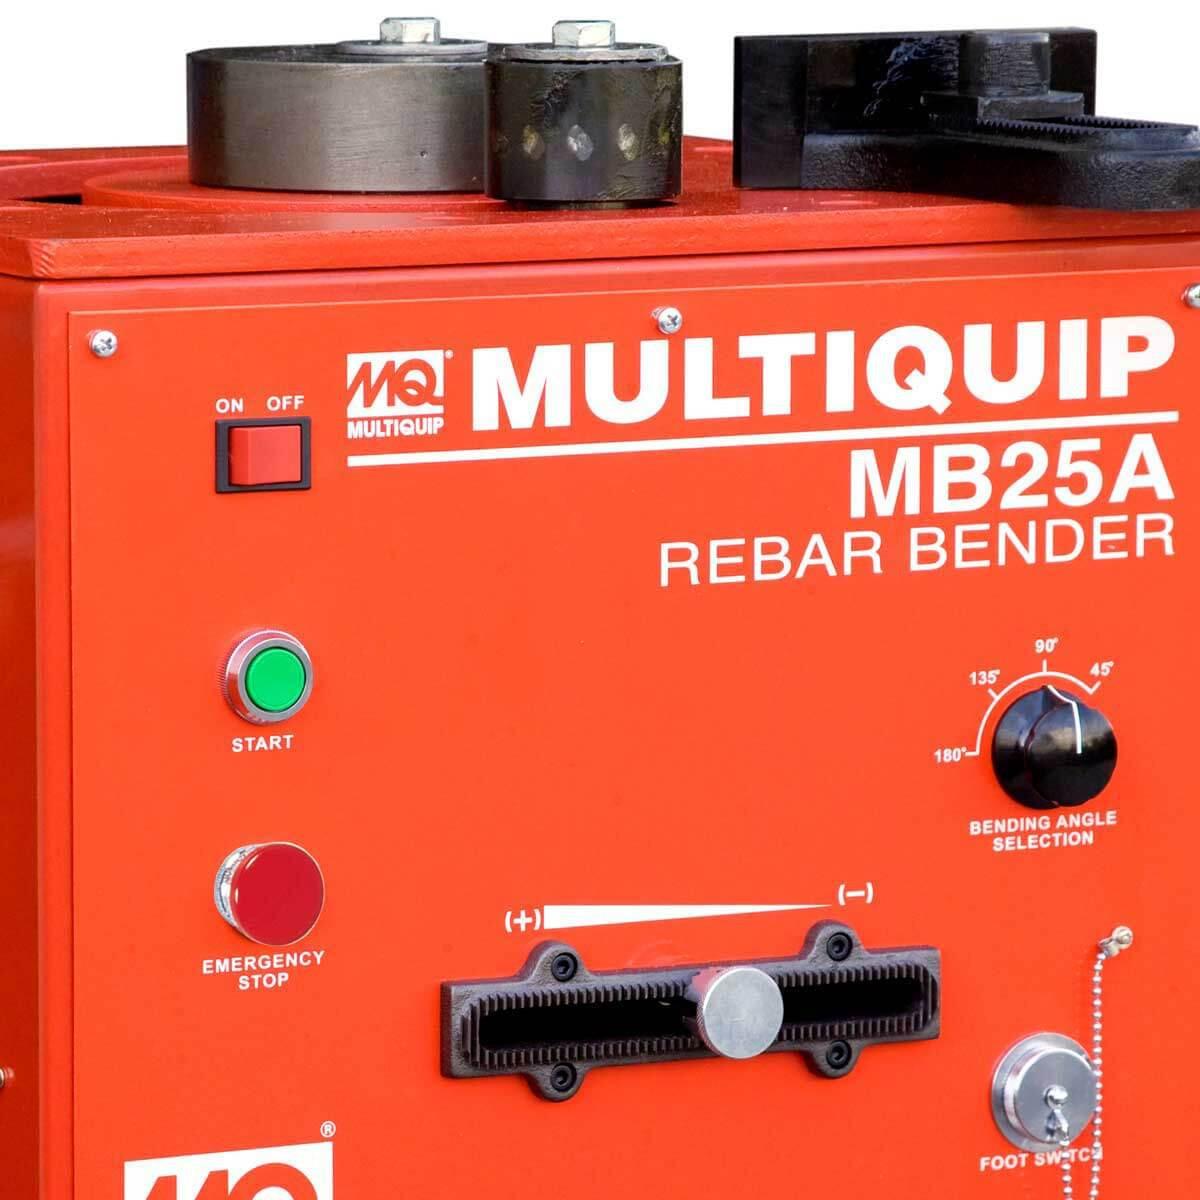 MB25A Multiquip Portable Rebar Bender